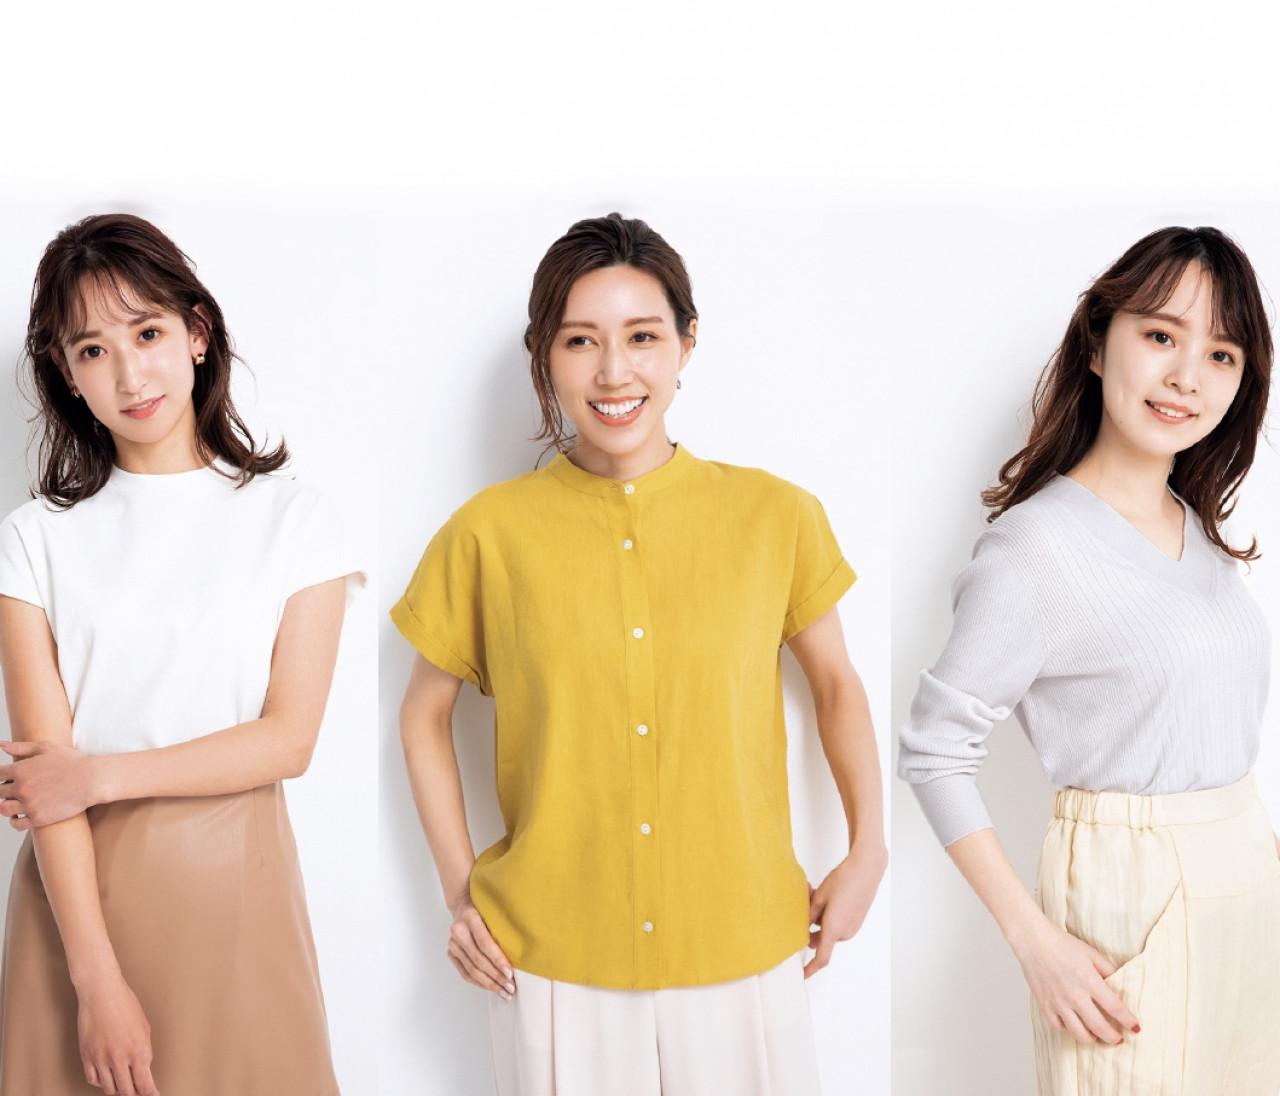 【骨格診断・ブラ編まとめ】タイプ別に リブニット、シャツ、Tシャツに合うブラをたっぷりご紹介!